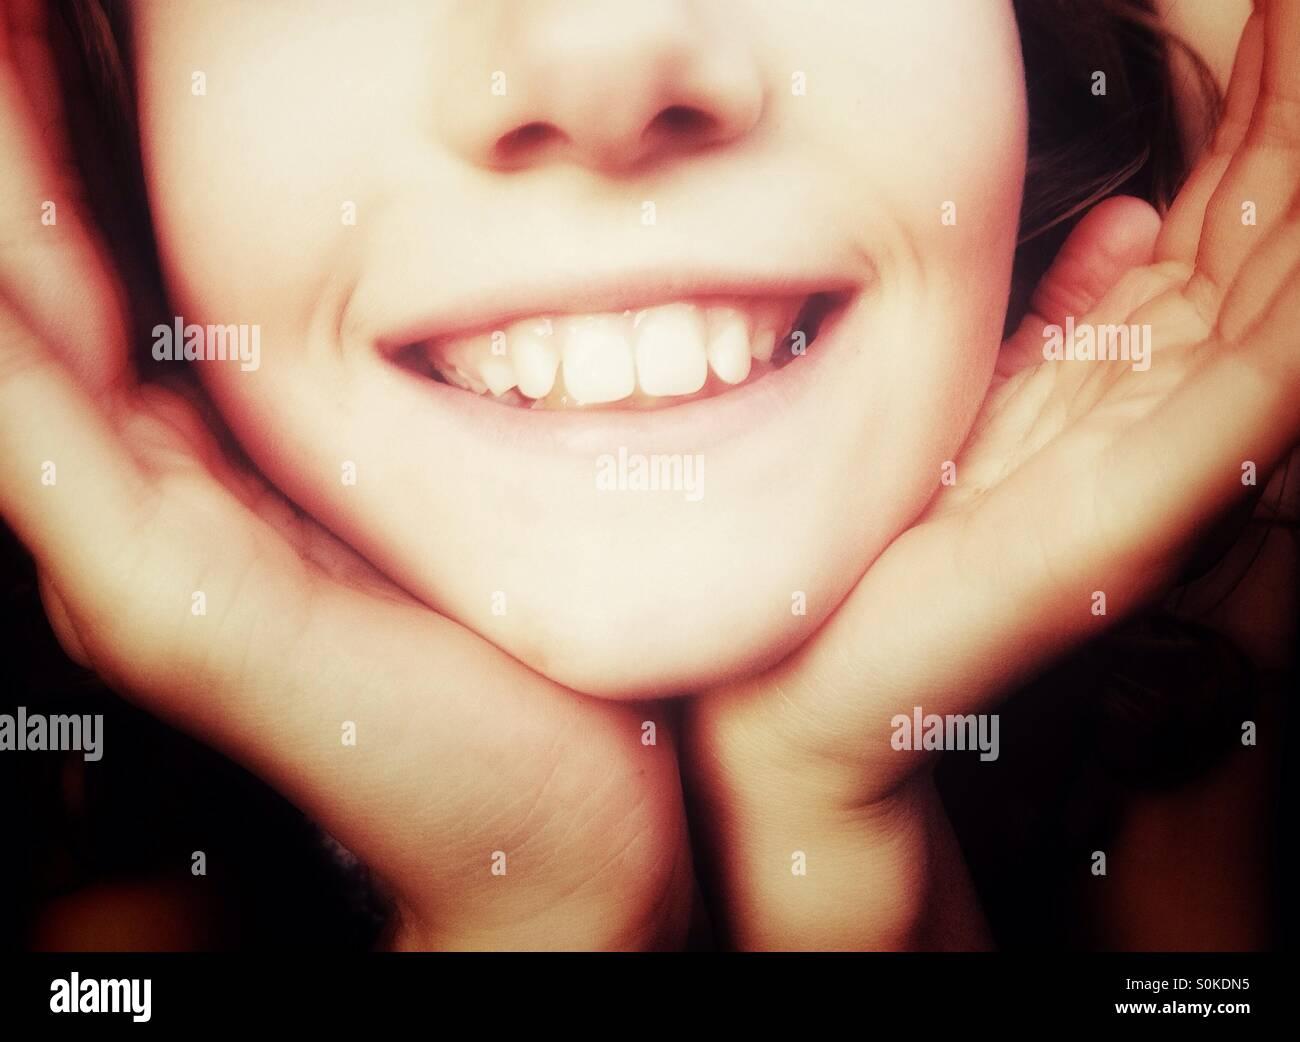 Cerca de chica sonriente con cara acopado en sus manos Imagen De Stock